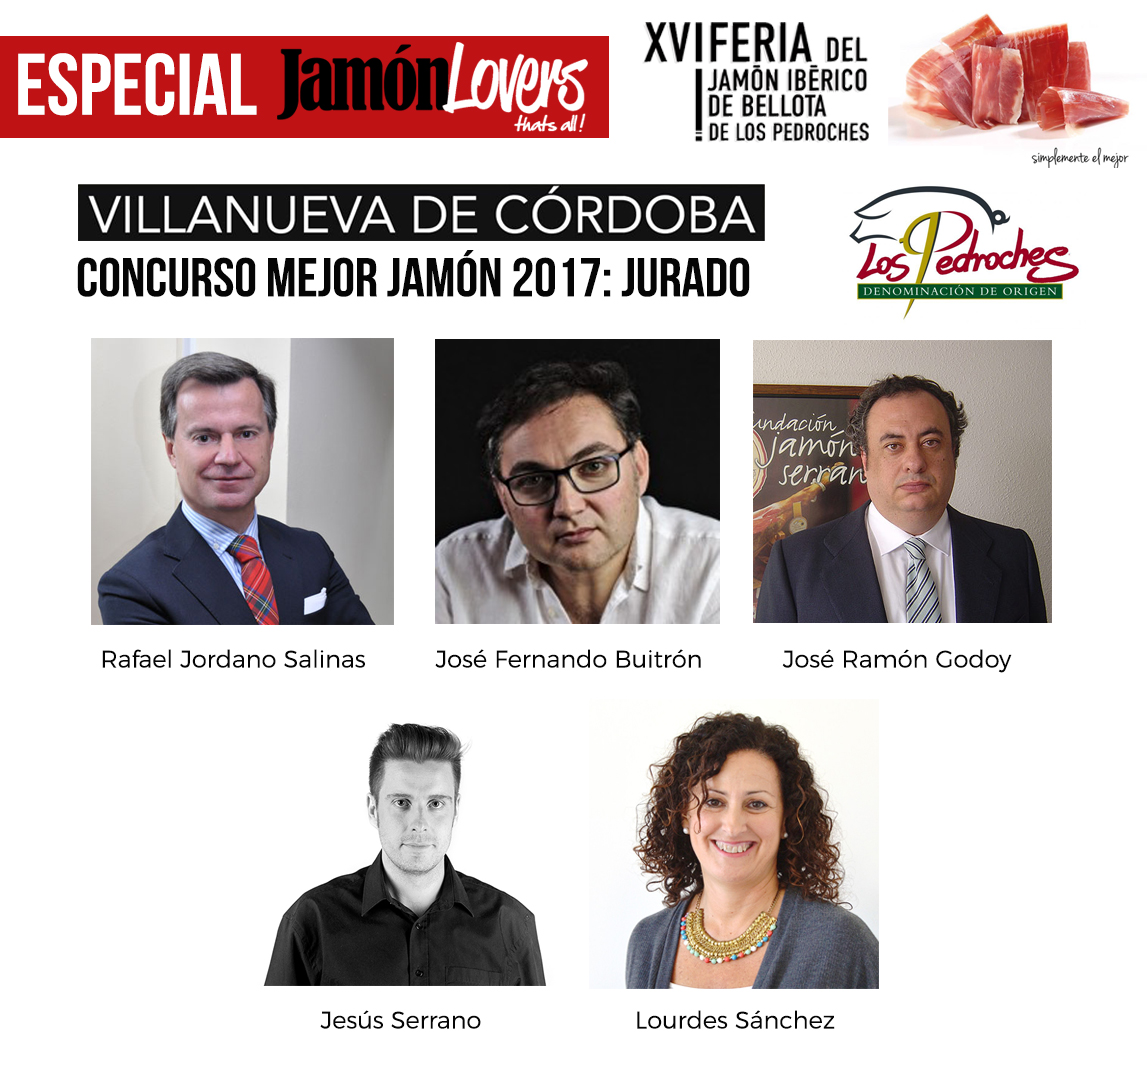 El jurado del Concurso al mejor Jamón de Bellota 100% Ibérico DOP Los Pedroches